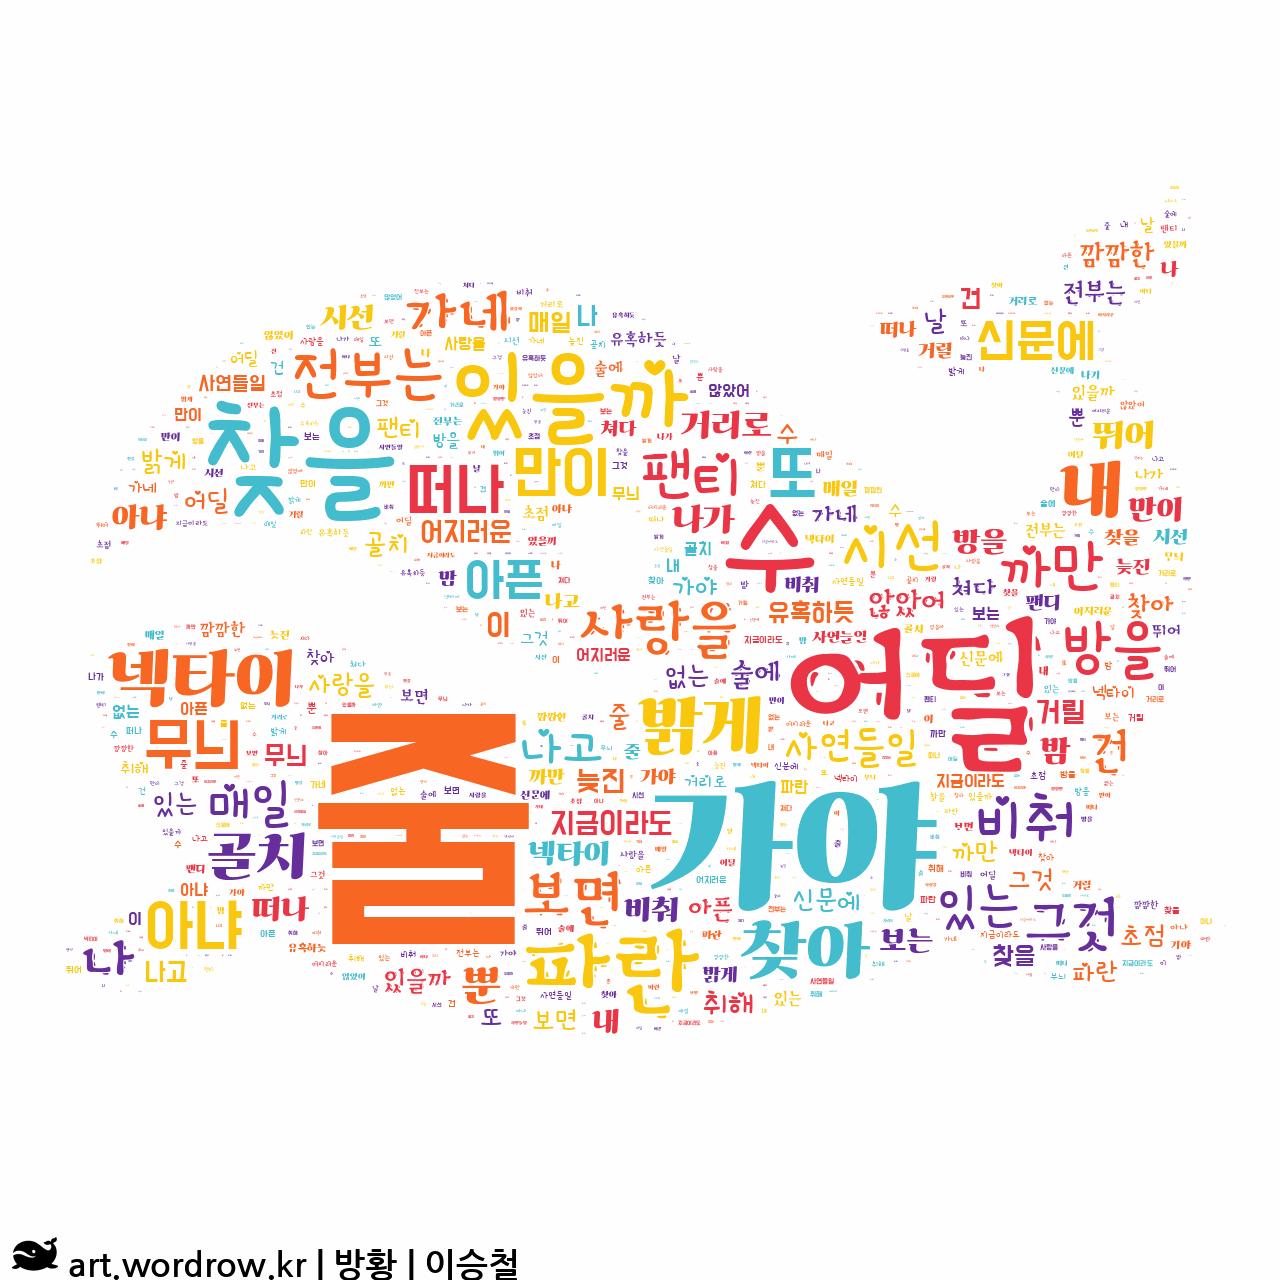 워드 아트: 방황 [이승철]-17